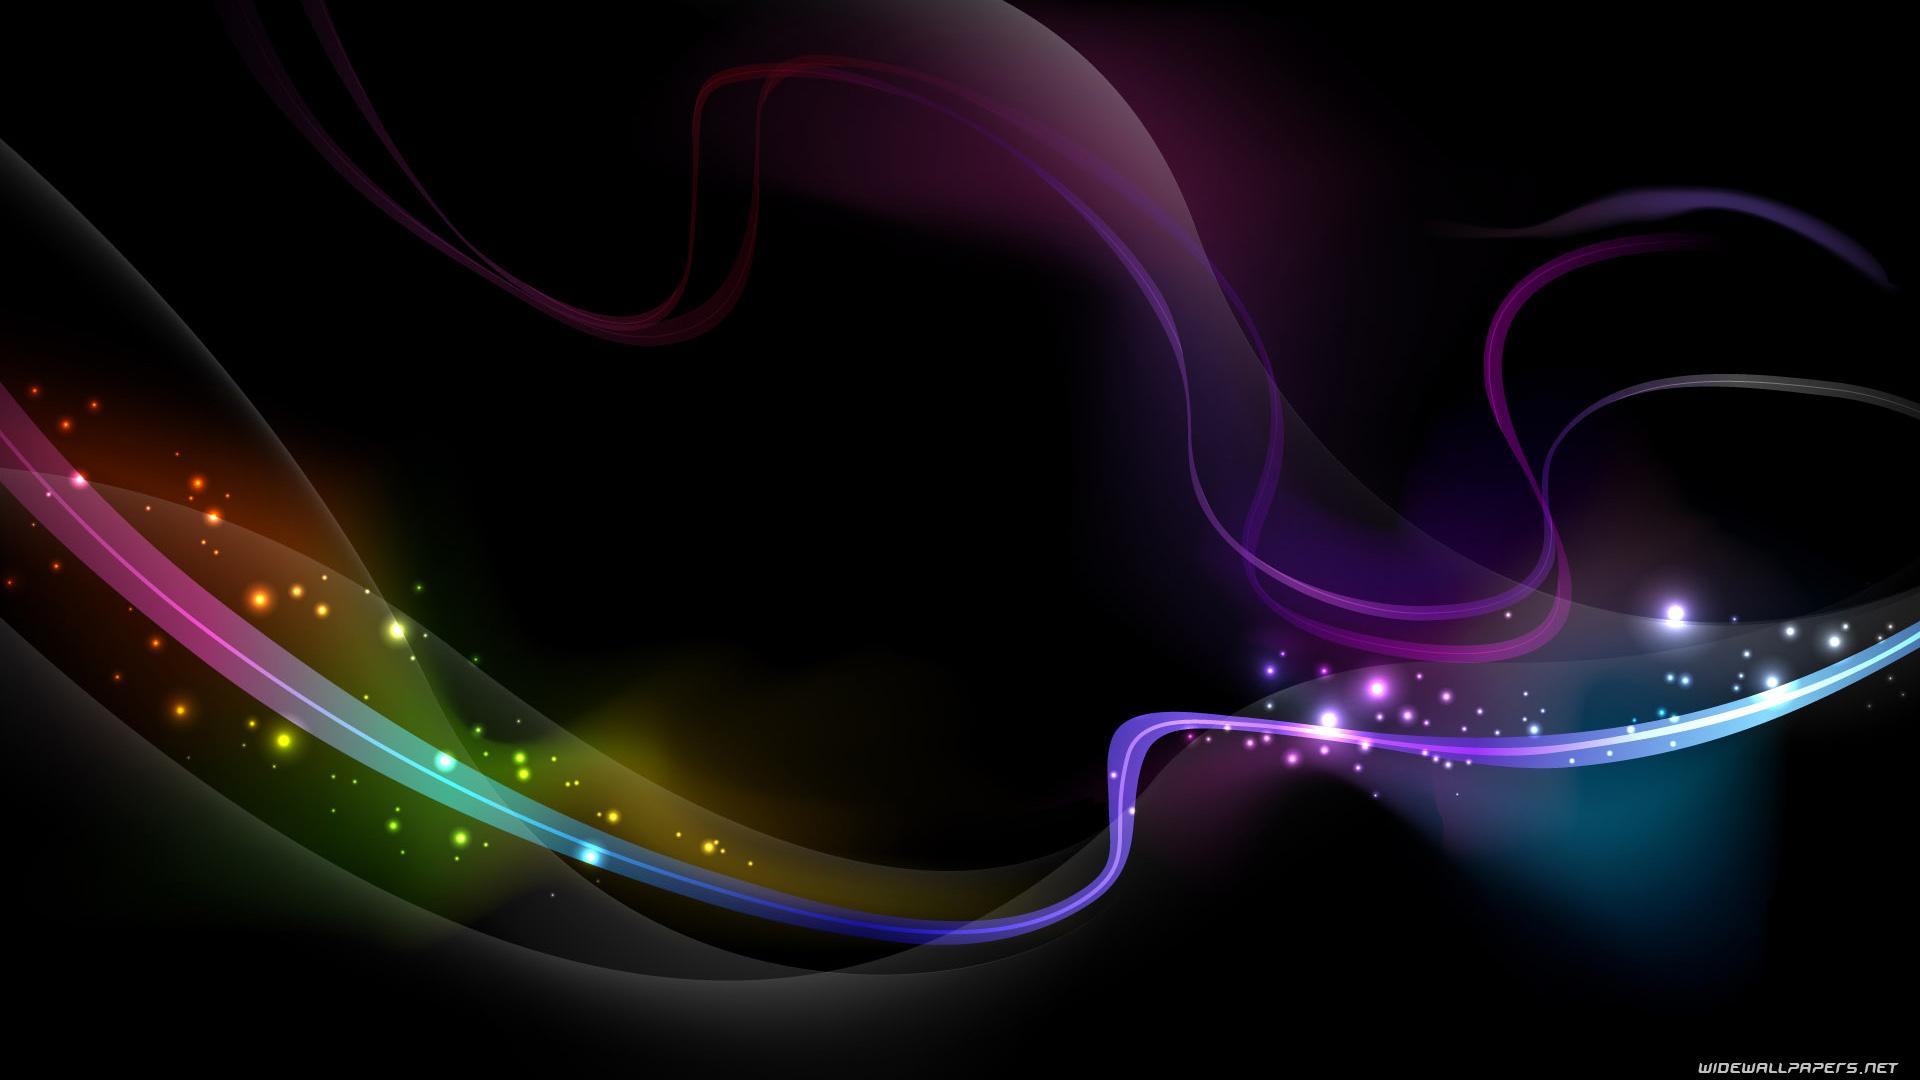 download Nexus 1080p Desktop Wallpaper Abstract Digital 5835 1920x1080